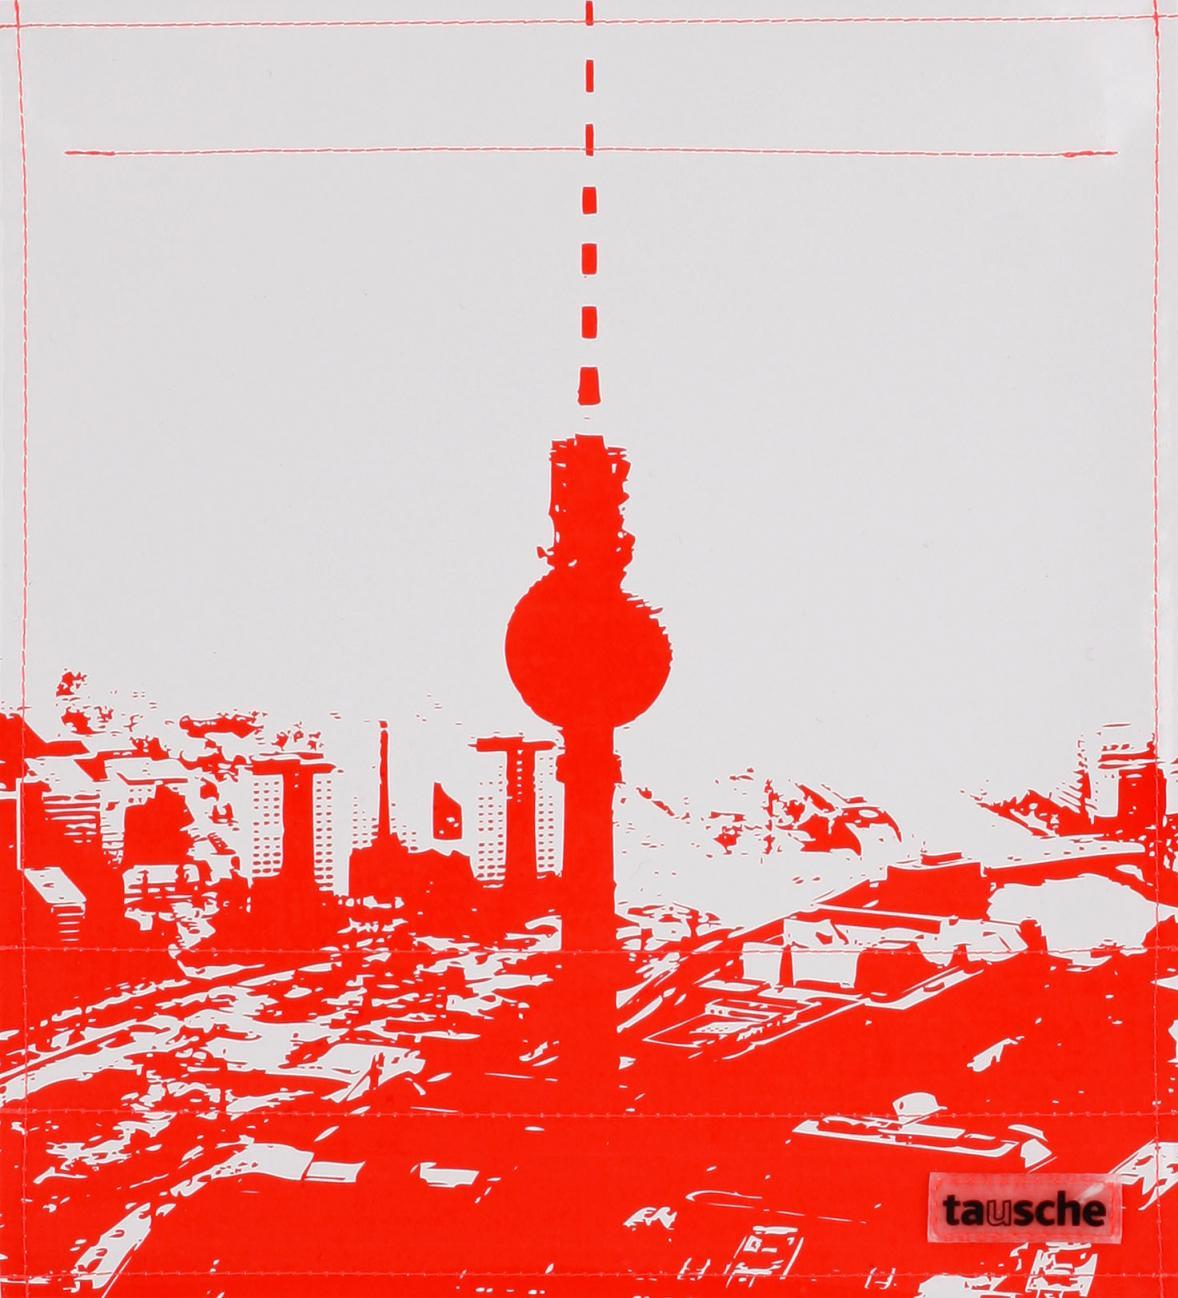 Stadtsilhouette Berlin grau/rot (mittel)